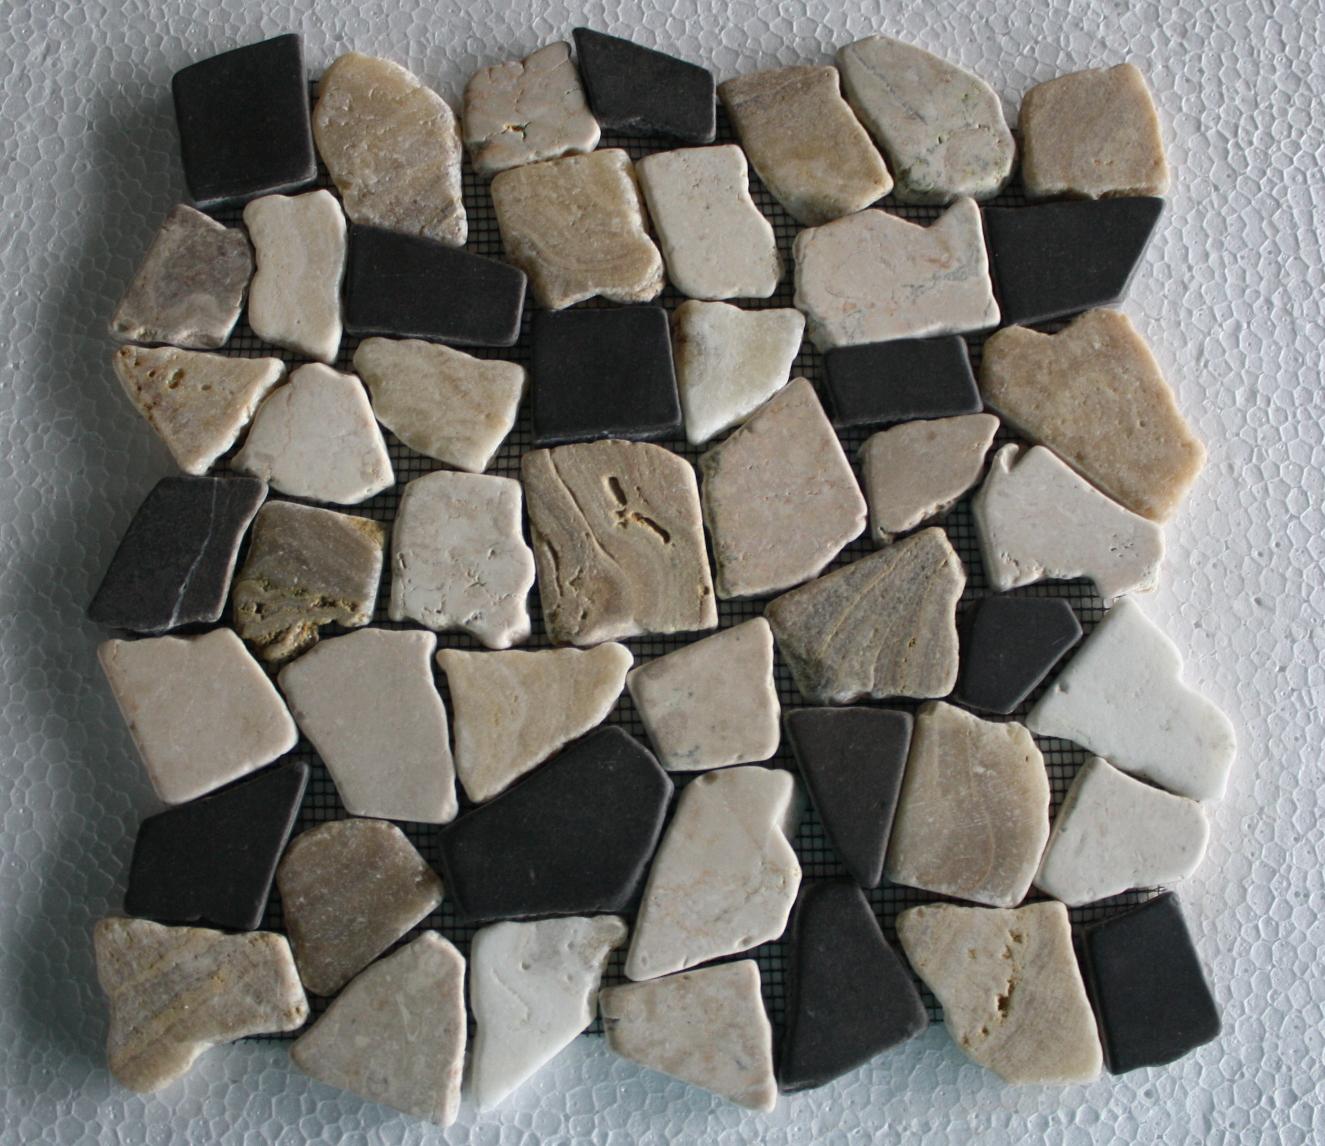 1m fliese bruch mosaik marmor naturstein stein wand boden restposten neu dusche ebay. Black Bedroom Furniture Sets. Home Design Ideas